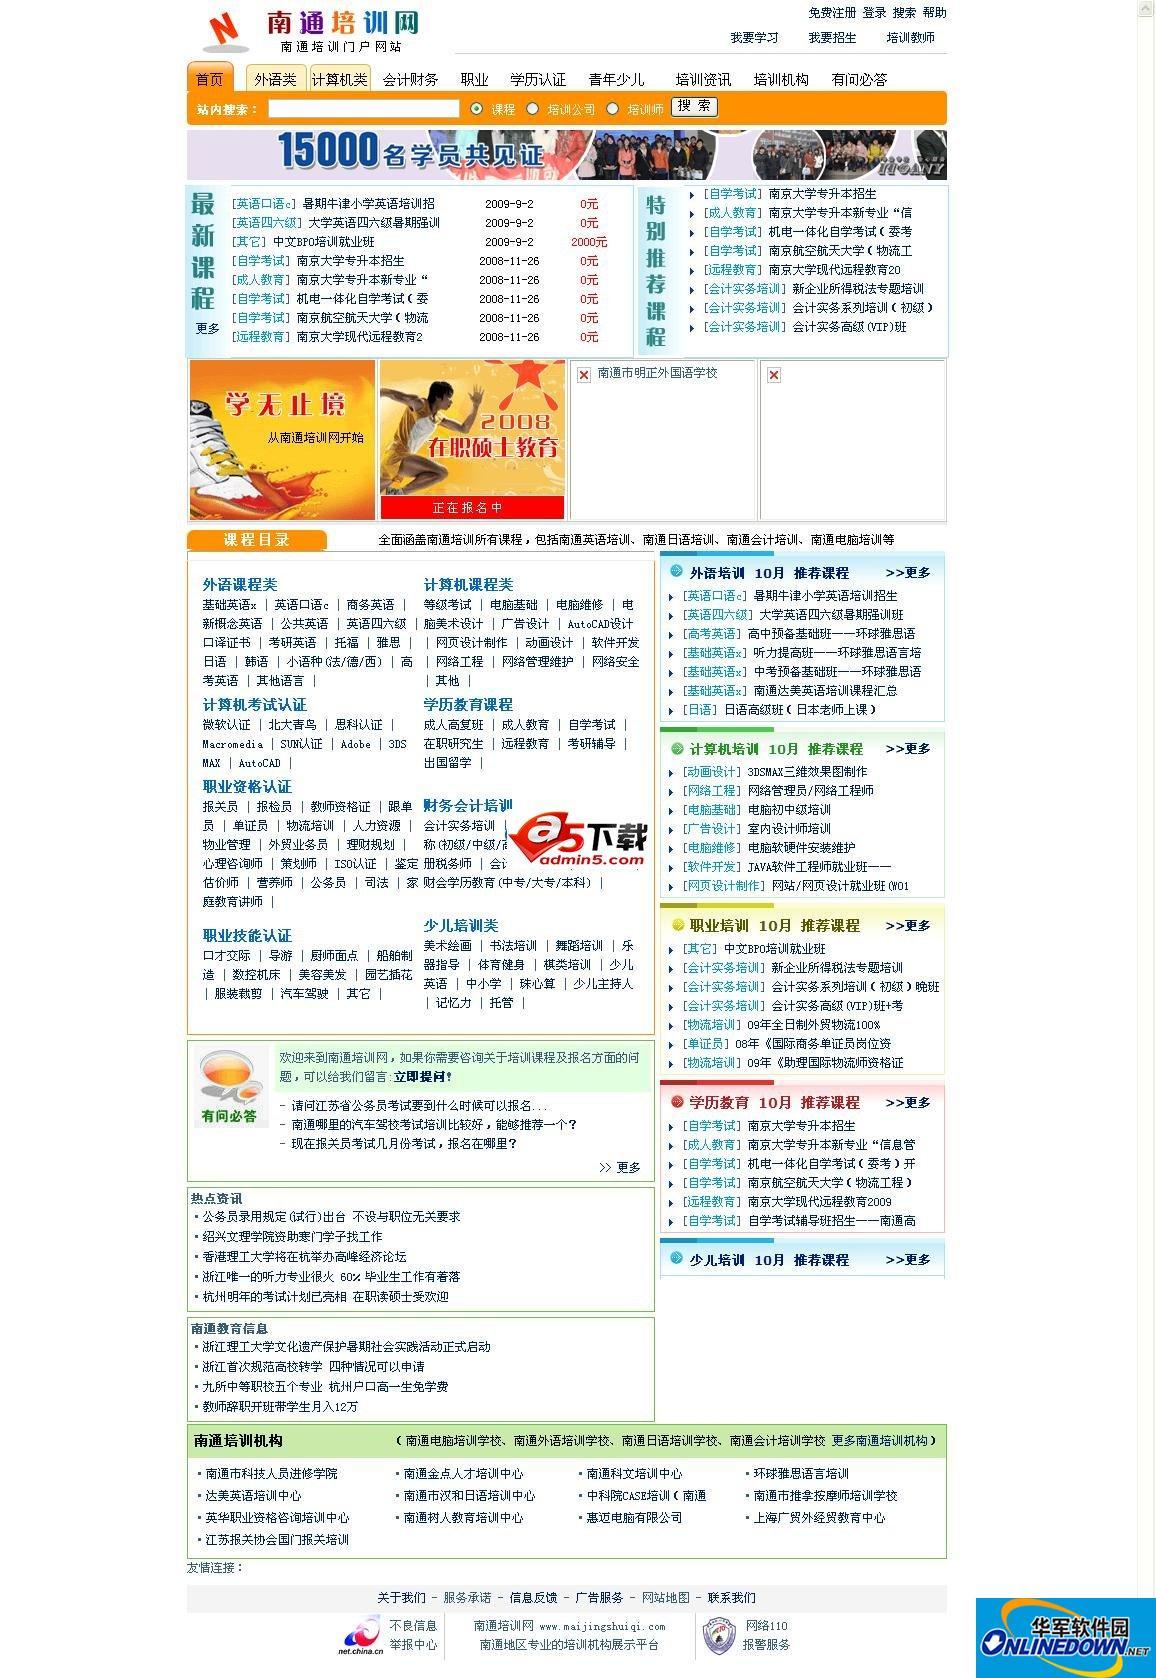 南通培训网站源码